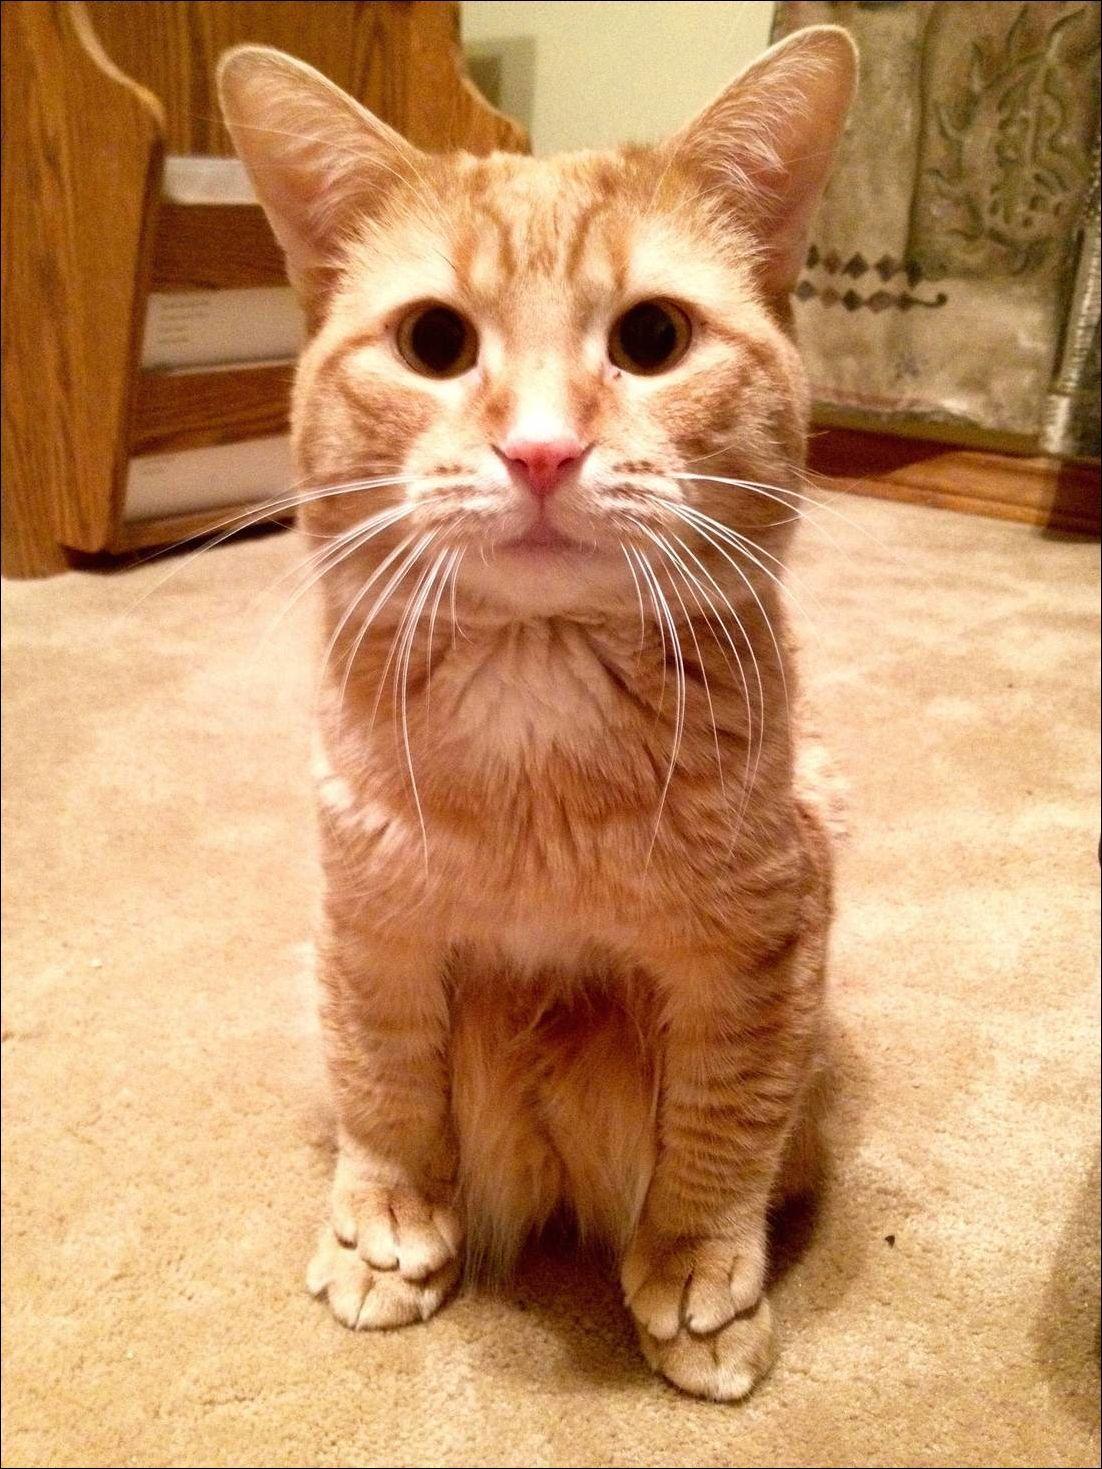 一个网友表示是不是只有他家这只猫才喜欢这么站着。。。